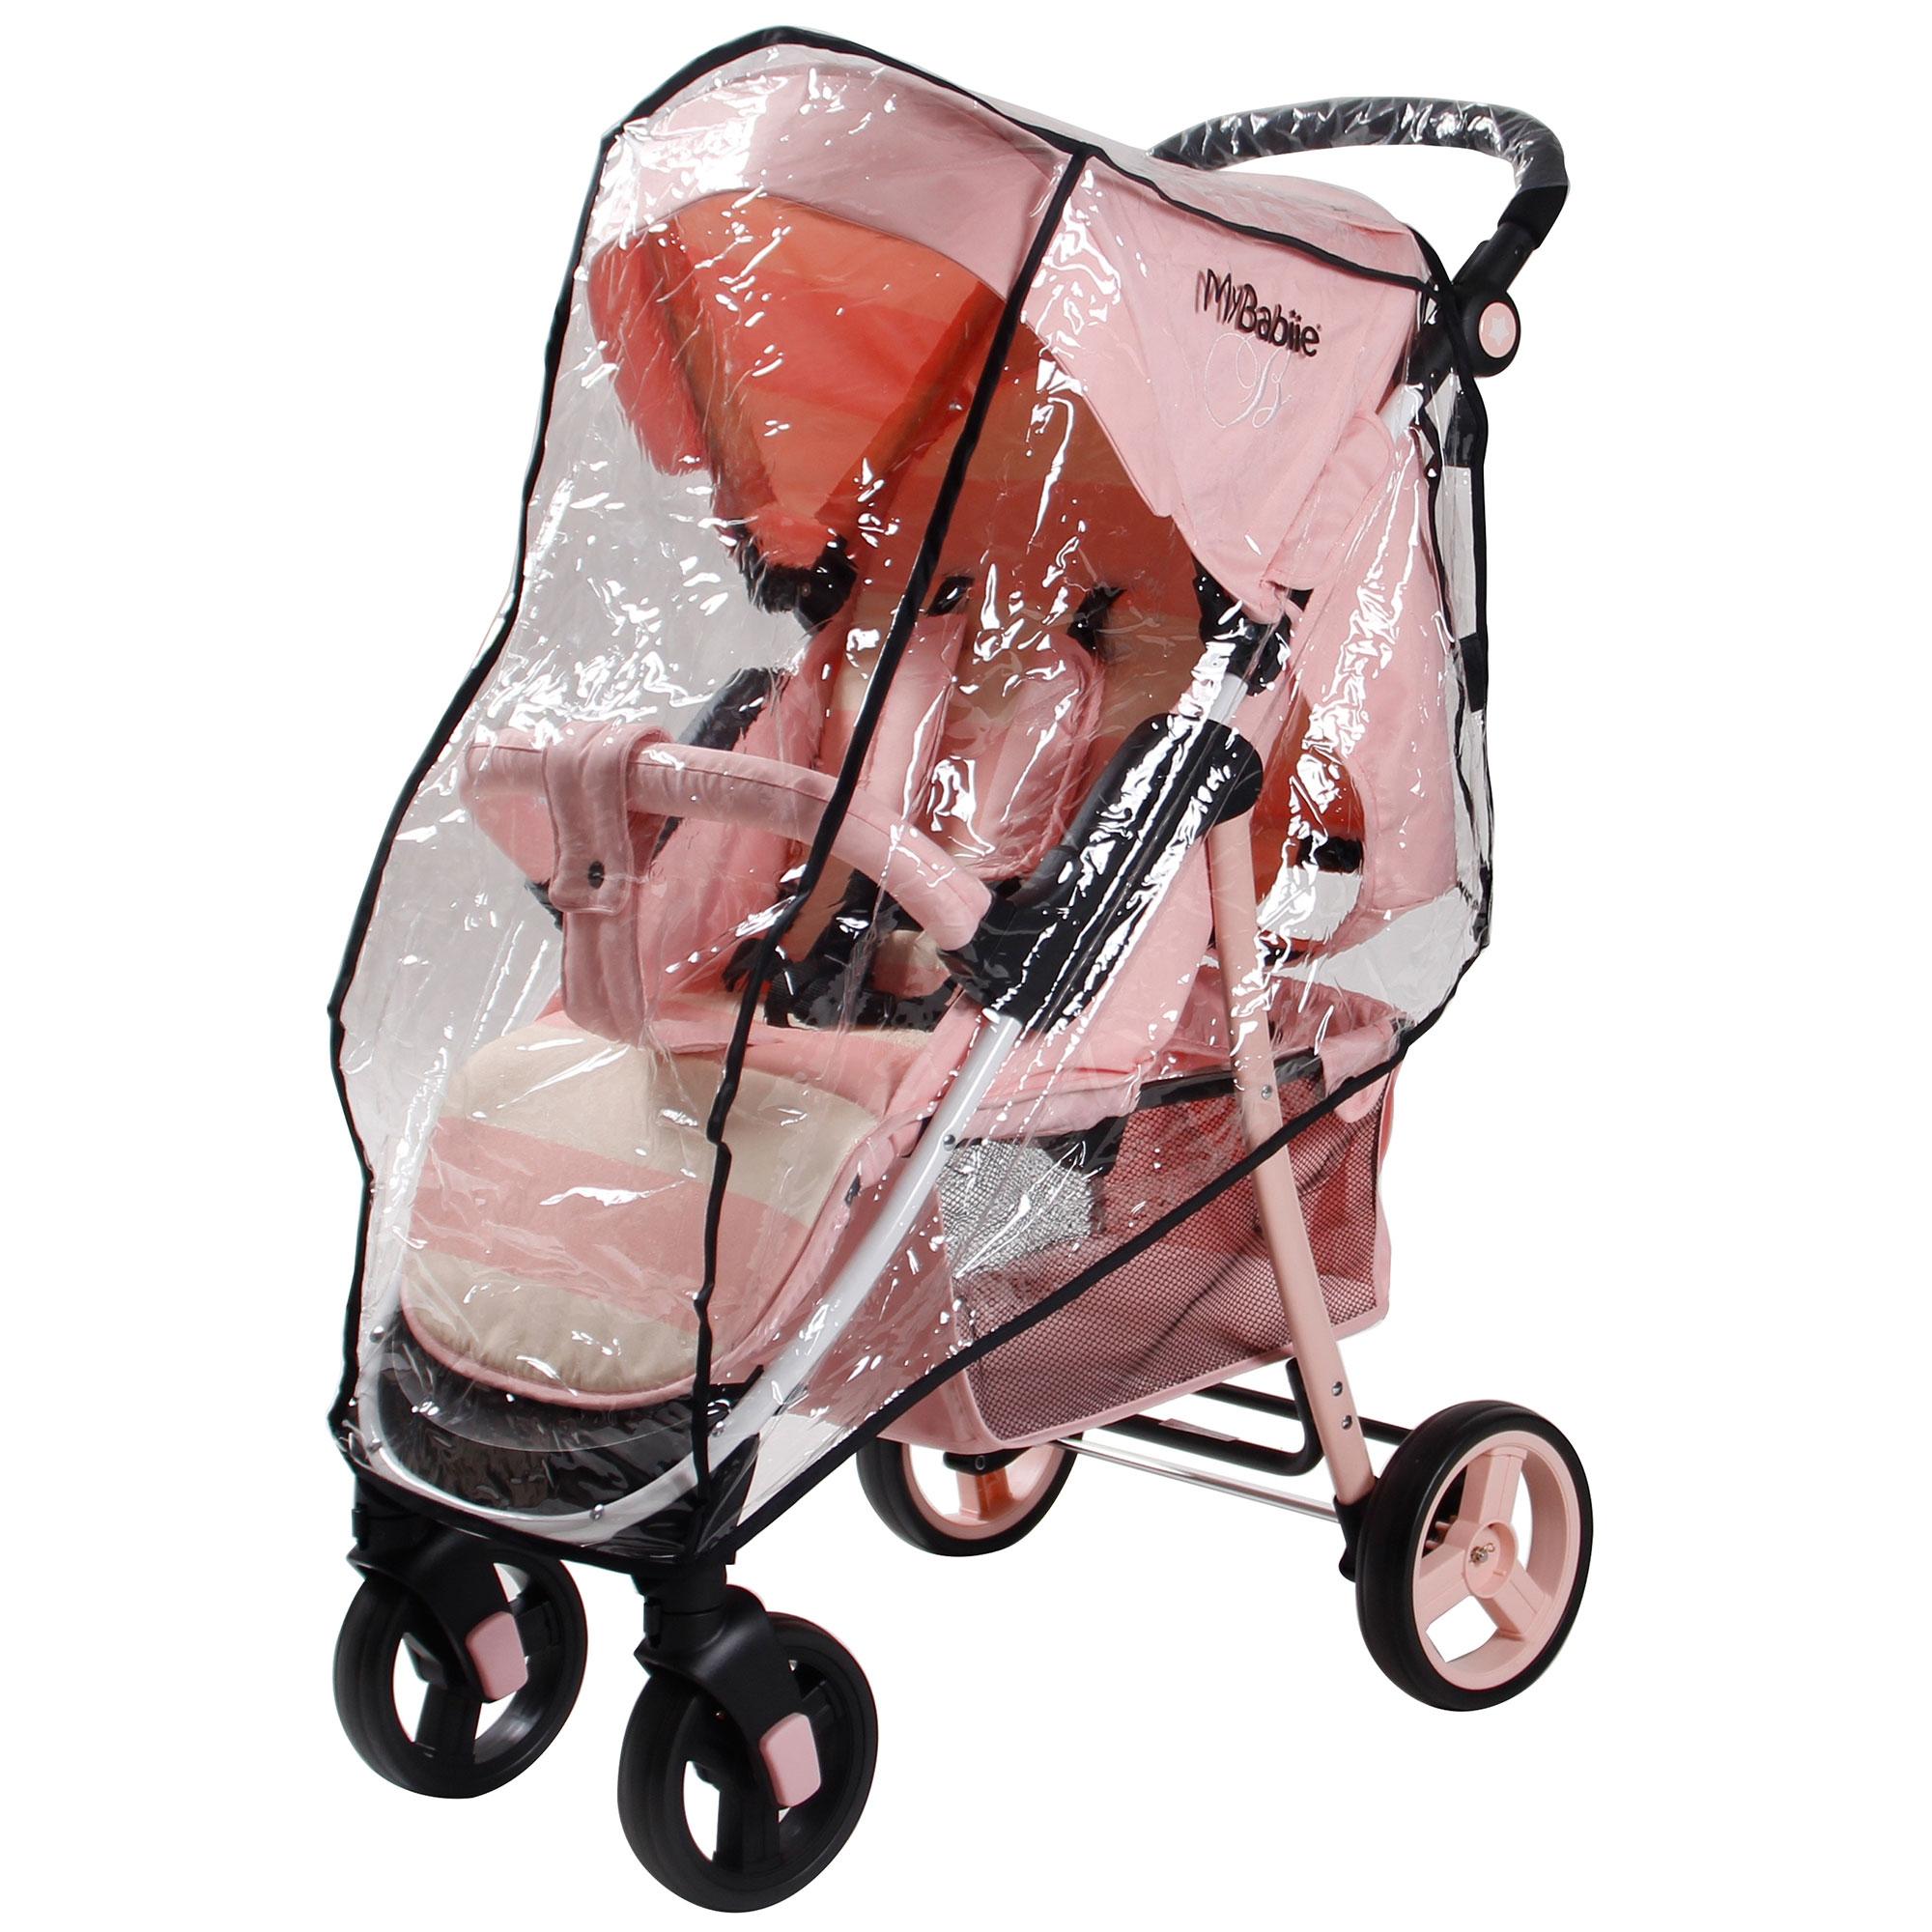 Mon babiie MB30 de la naissance Bébé Poussette//Landau-Billie Faiers rayures rose